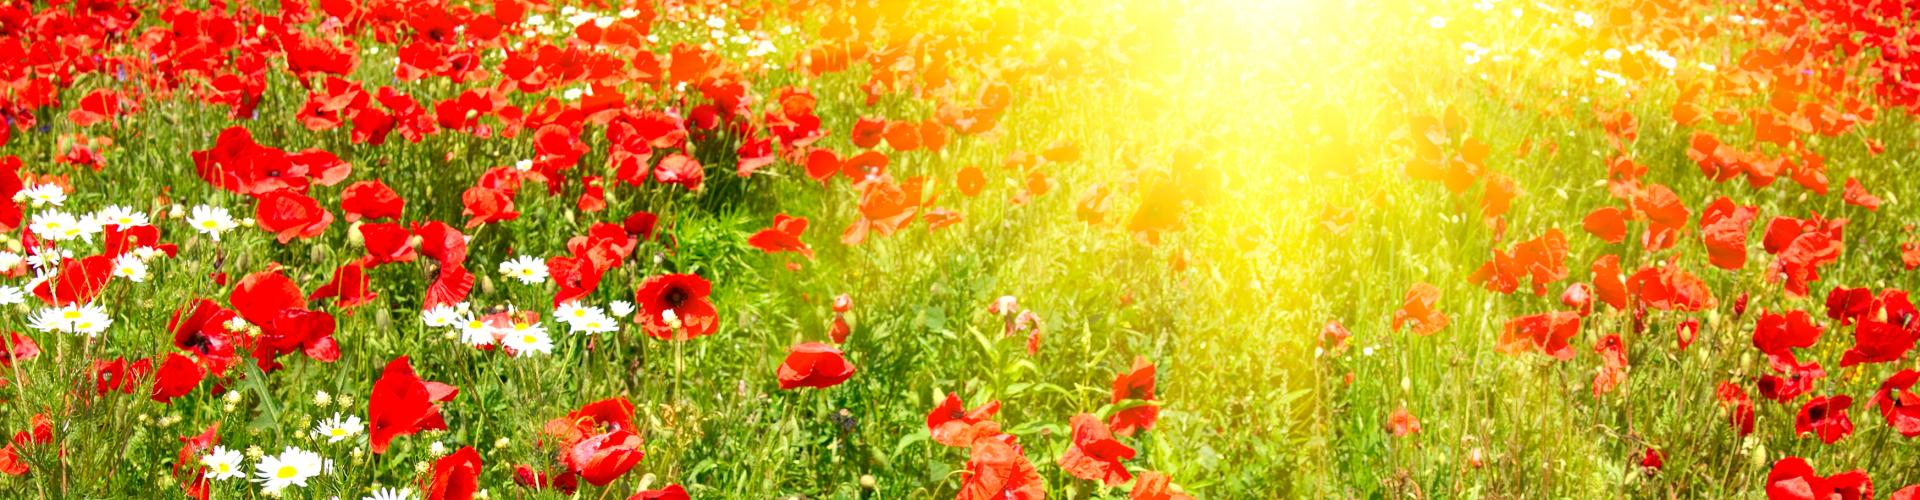 Zonlicht in onze voeding versterkt ons innerlijk licht en gids